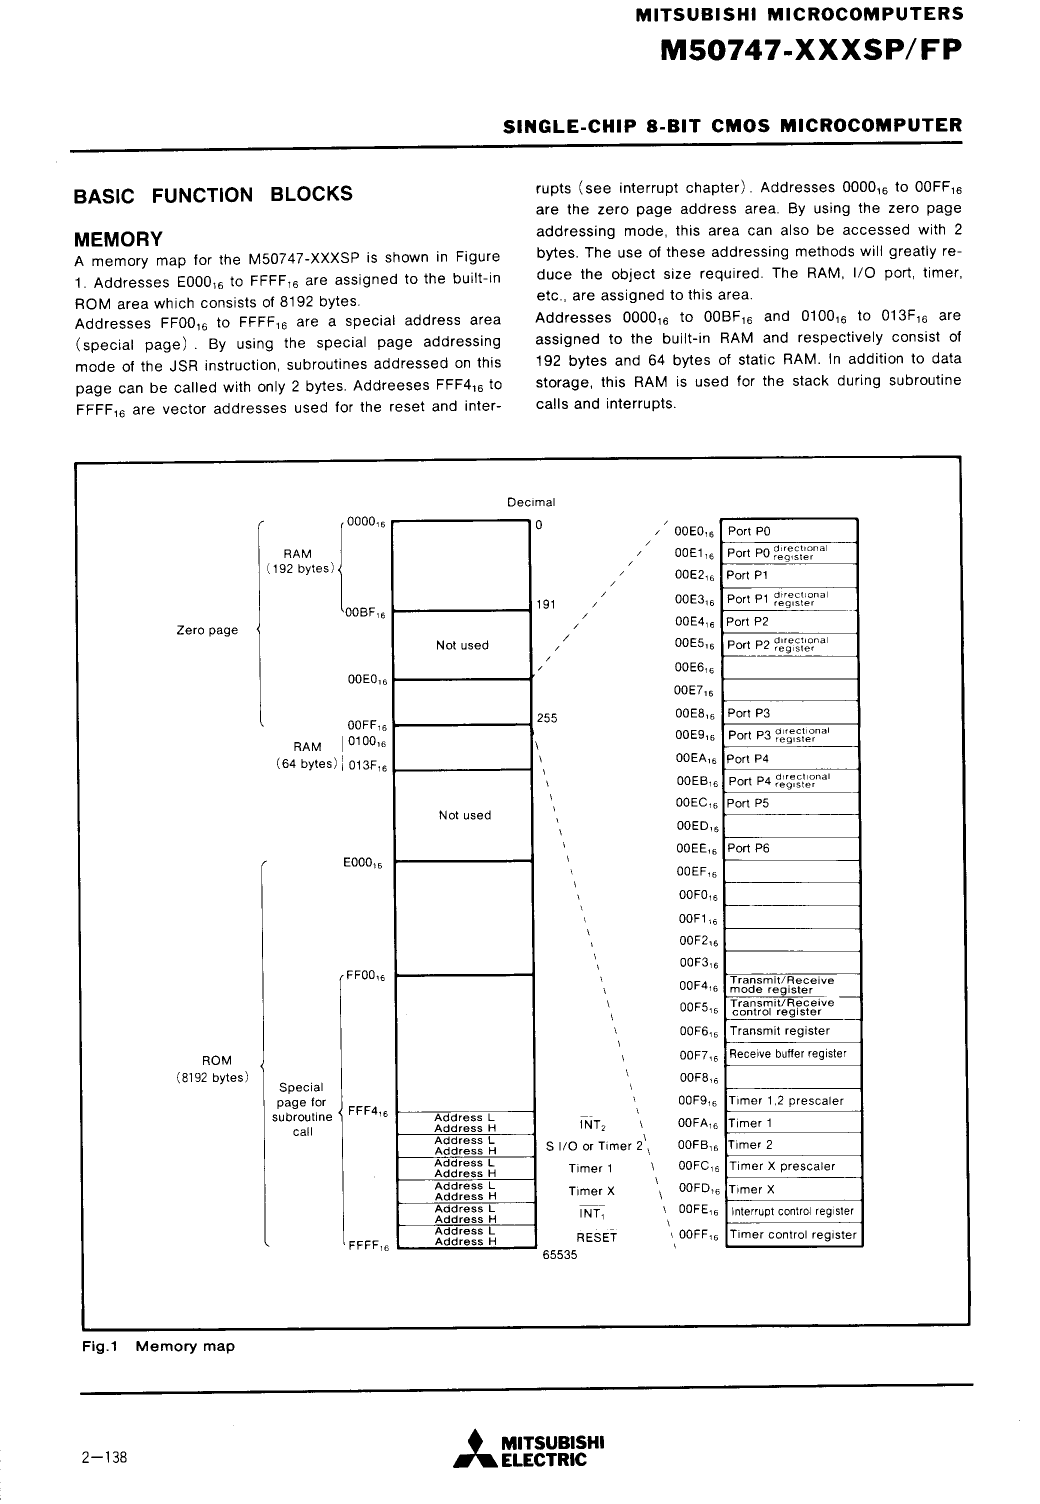 M50747 pdf